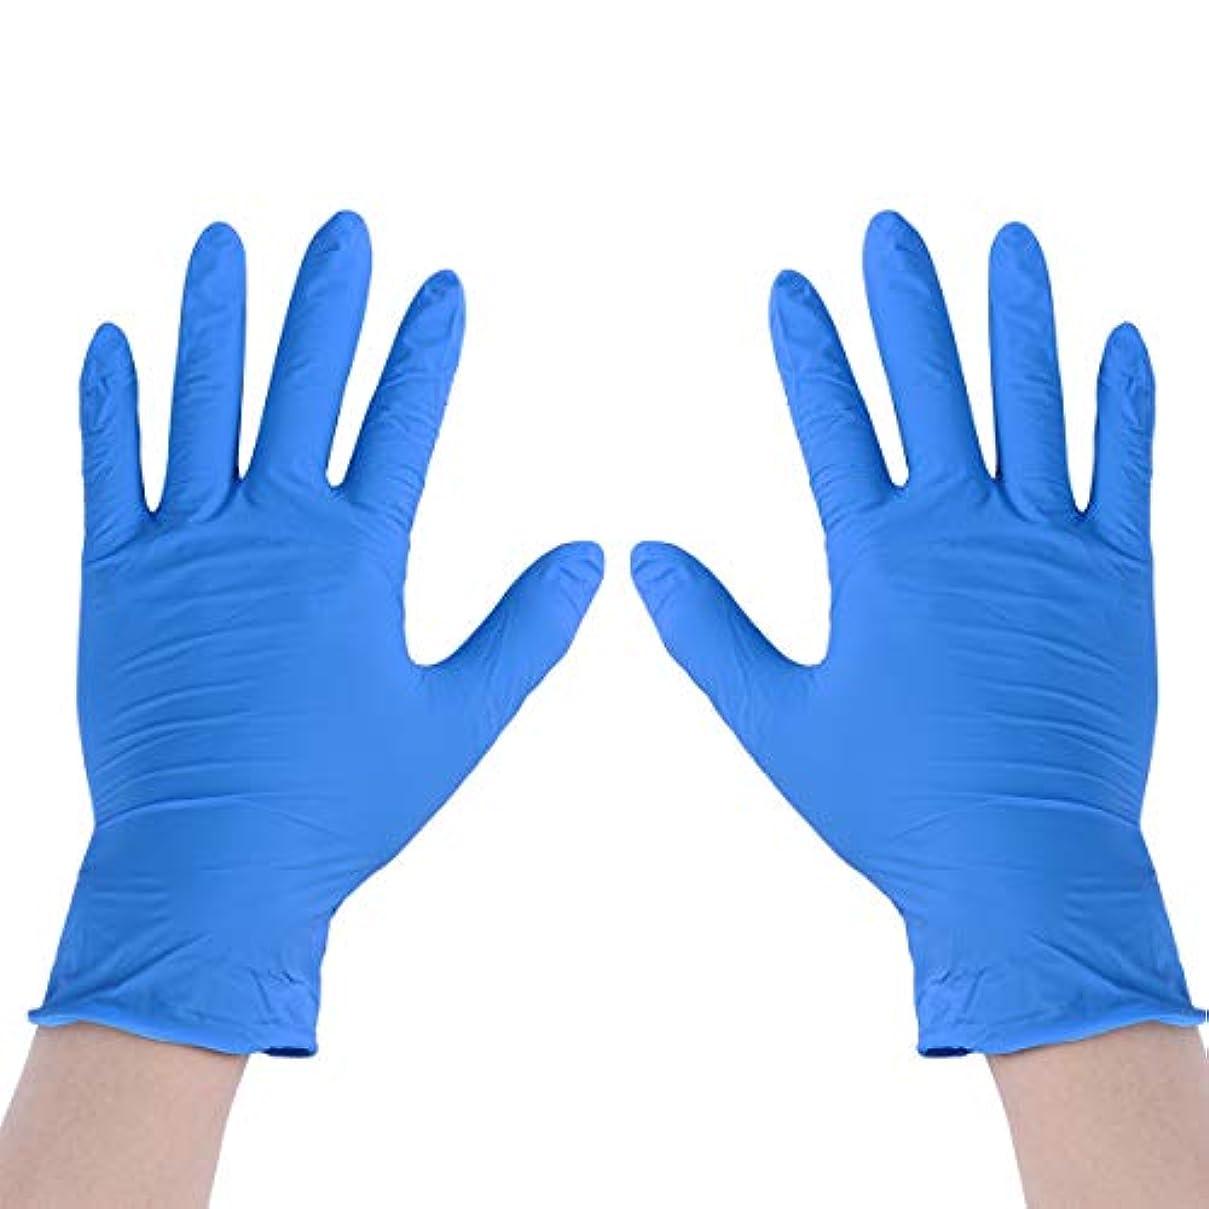 指地平線可能性Frcolor 使い捨て手袋 ニトリル手袋 ビニール手袋 薄手 作業用 介護用 調理用 炊事用 園芸用 掃除用 9インチ Mサイズ 100枚入(ブルー)